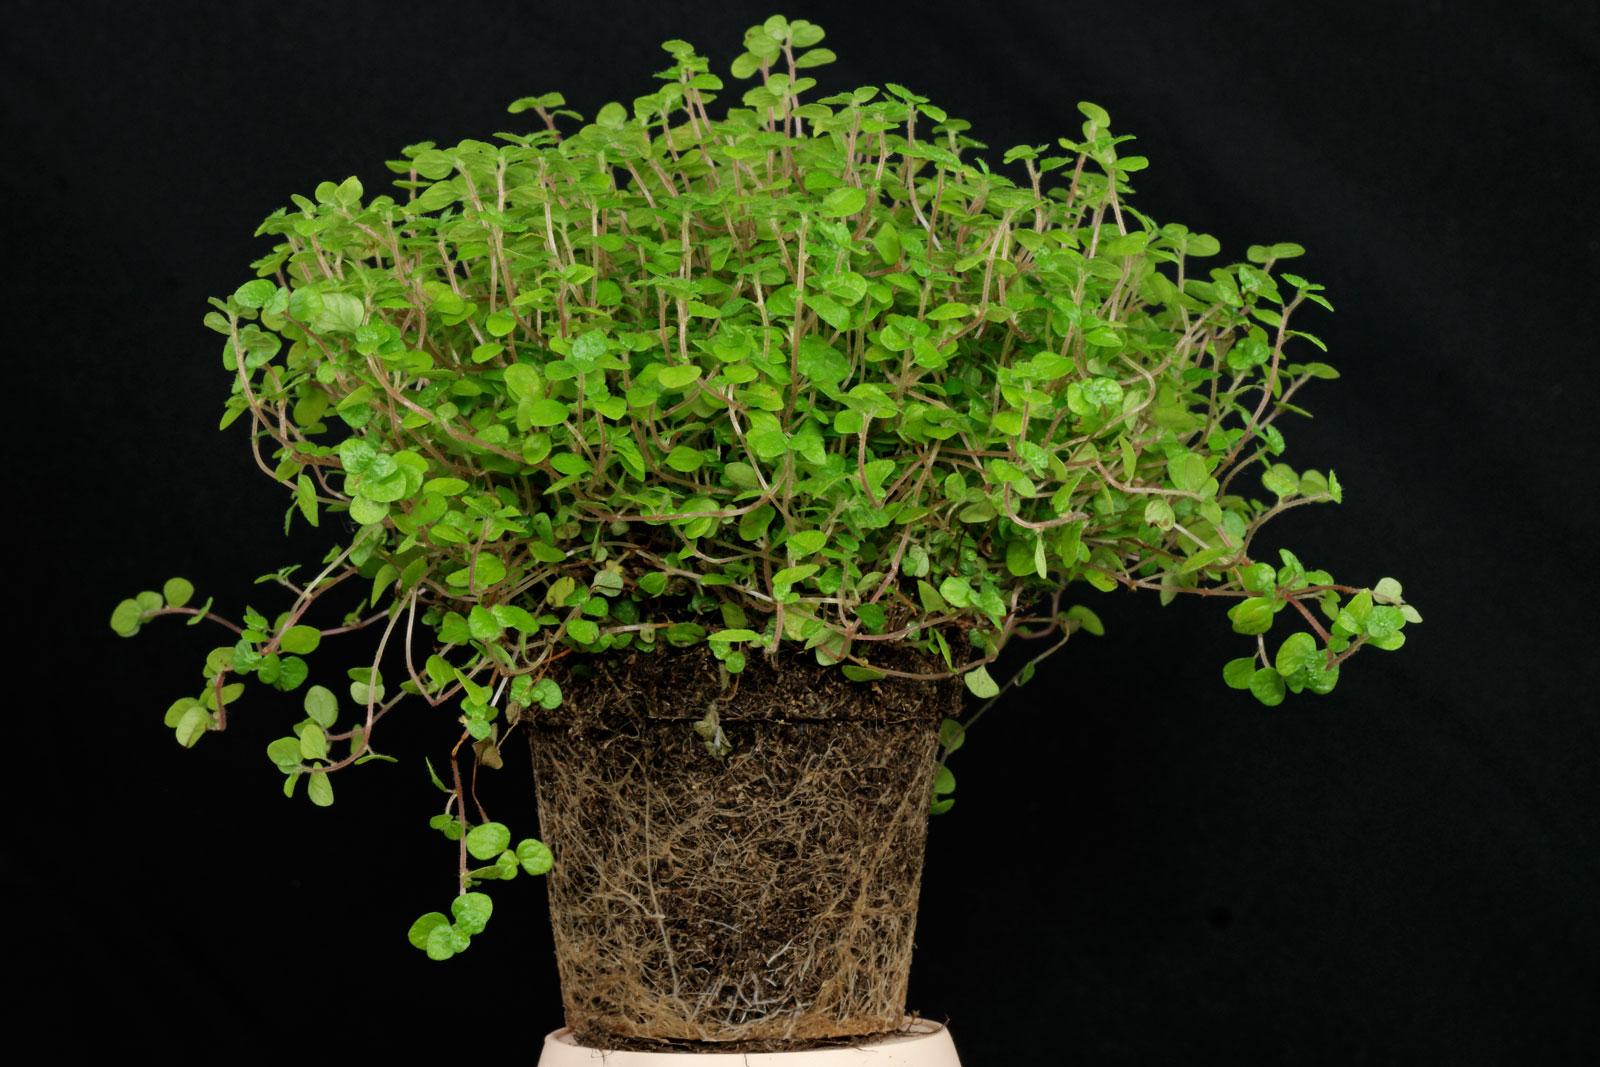 Soleirolia soleirolii